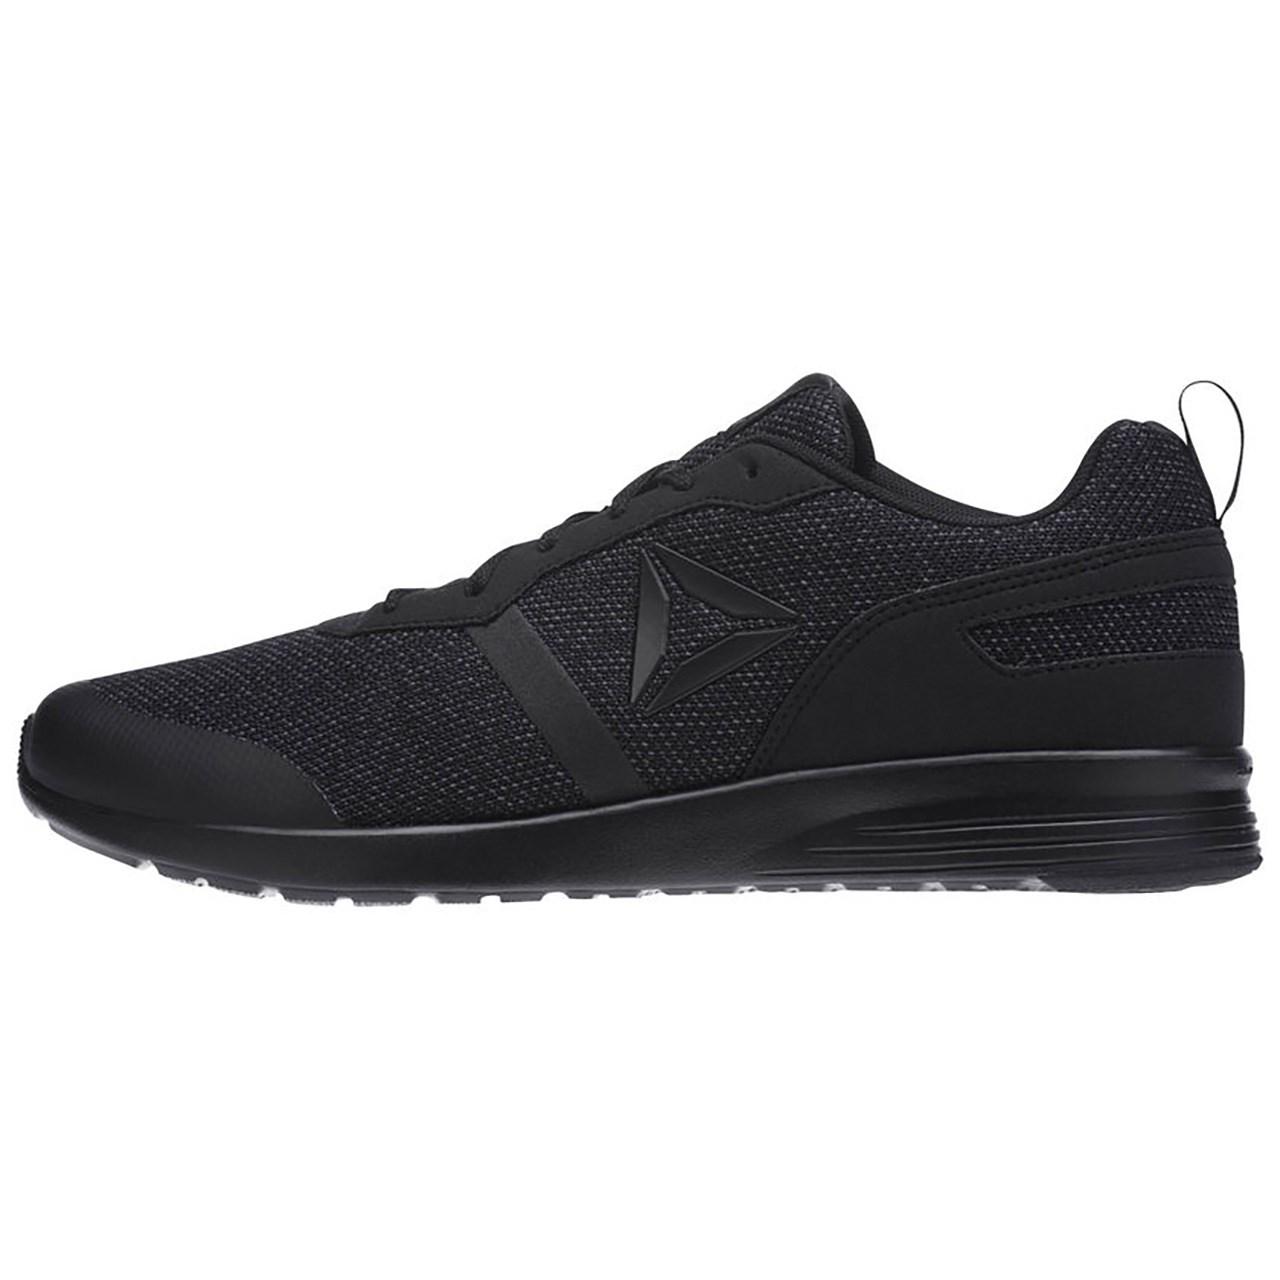 قیمت کفش مخصوص دویدن مردانه ریباک Foster Flyer